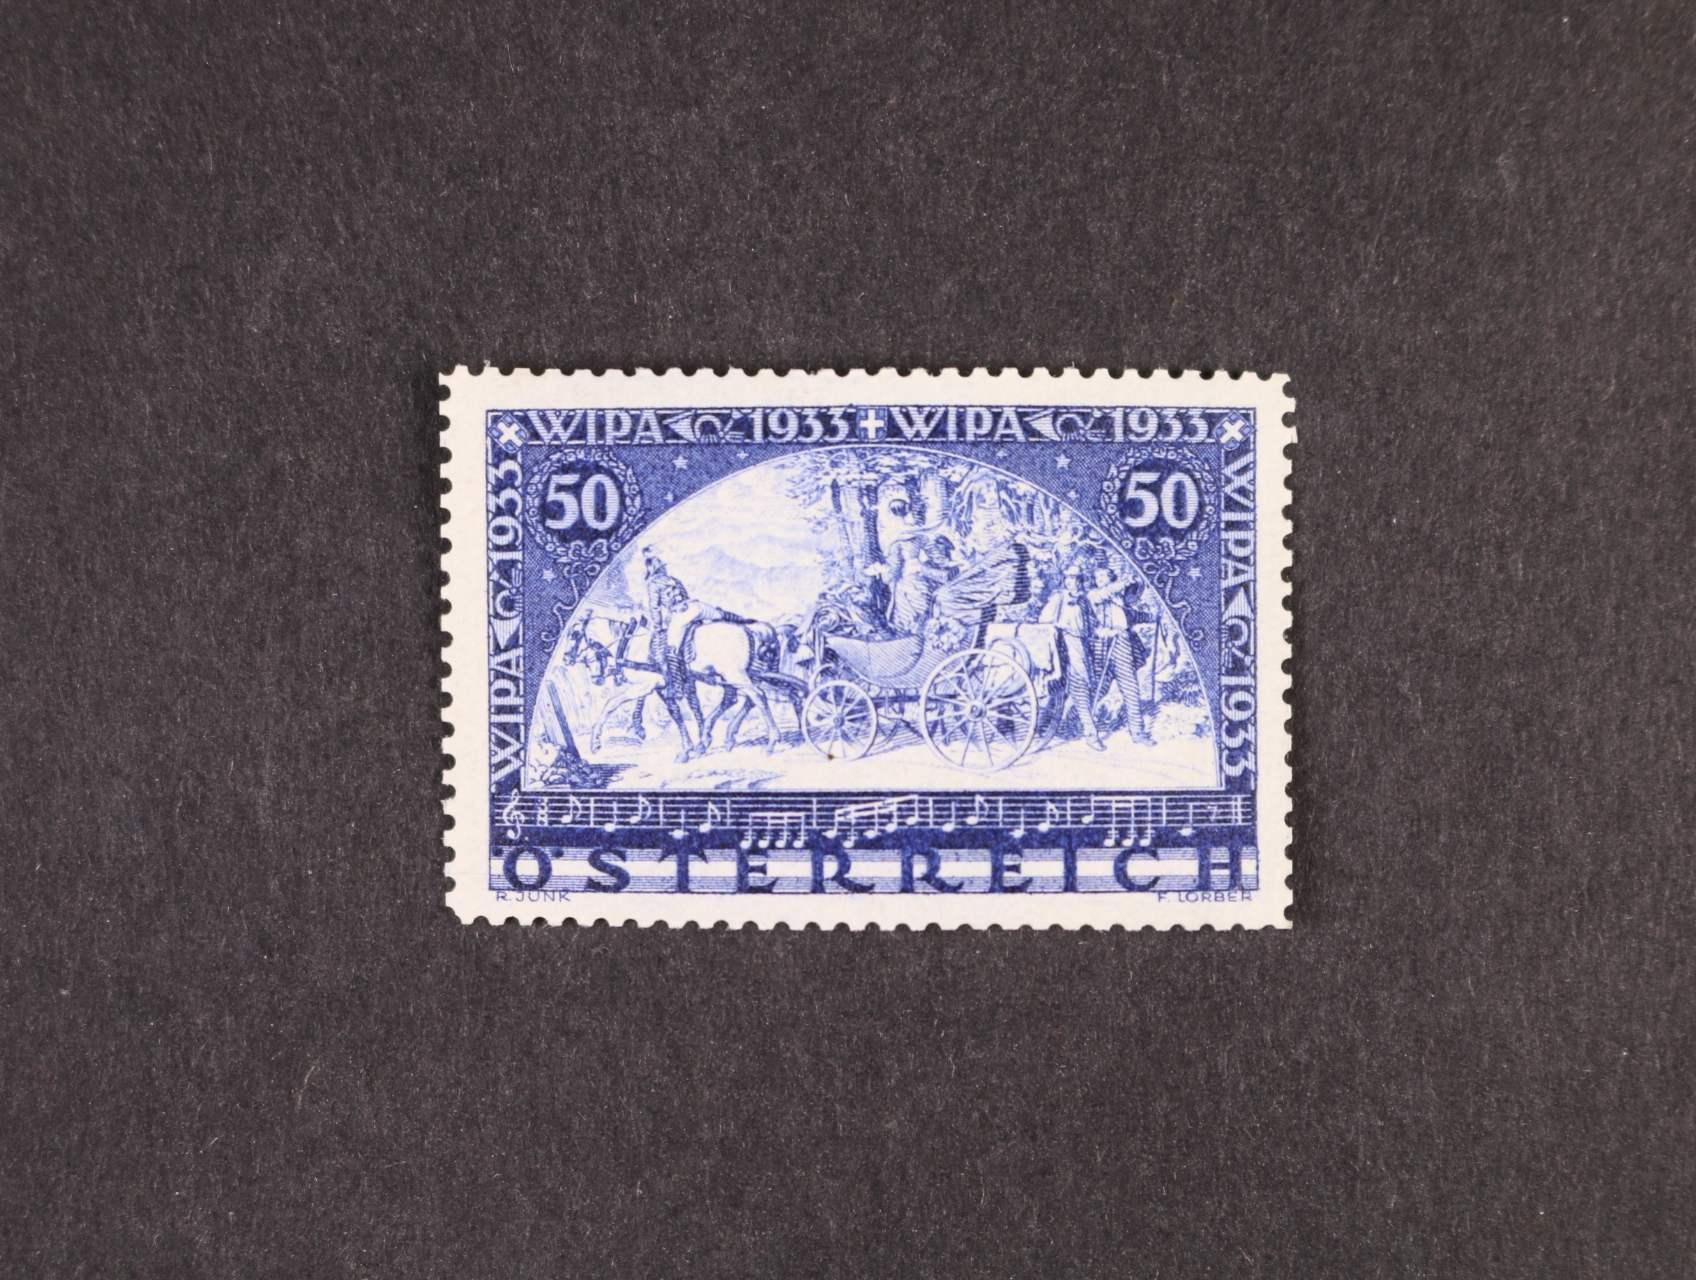 zn. Mi. č. 555 A WIPA - obyč. papír, 320 EUR